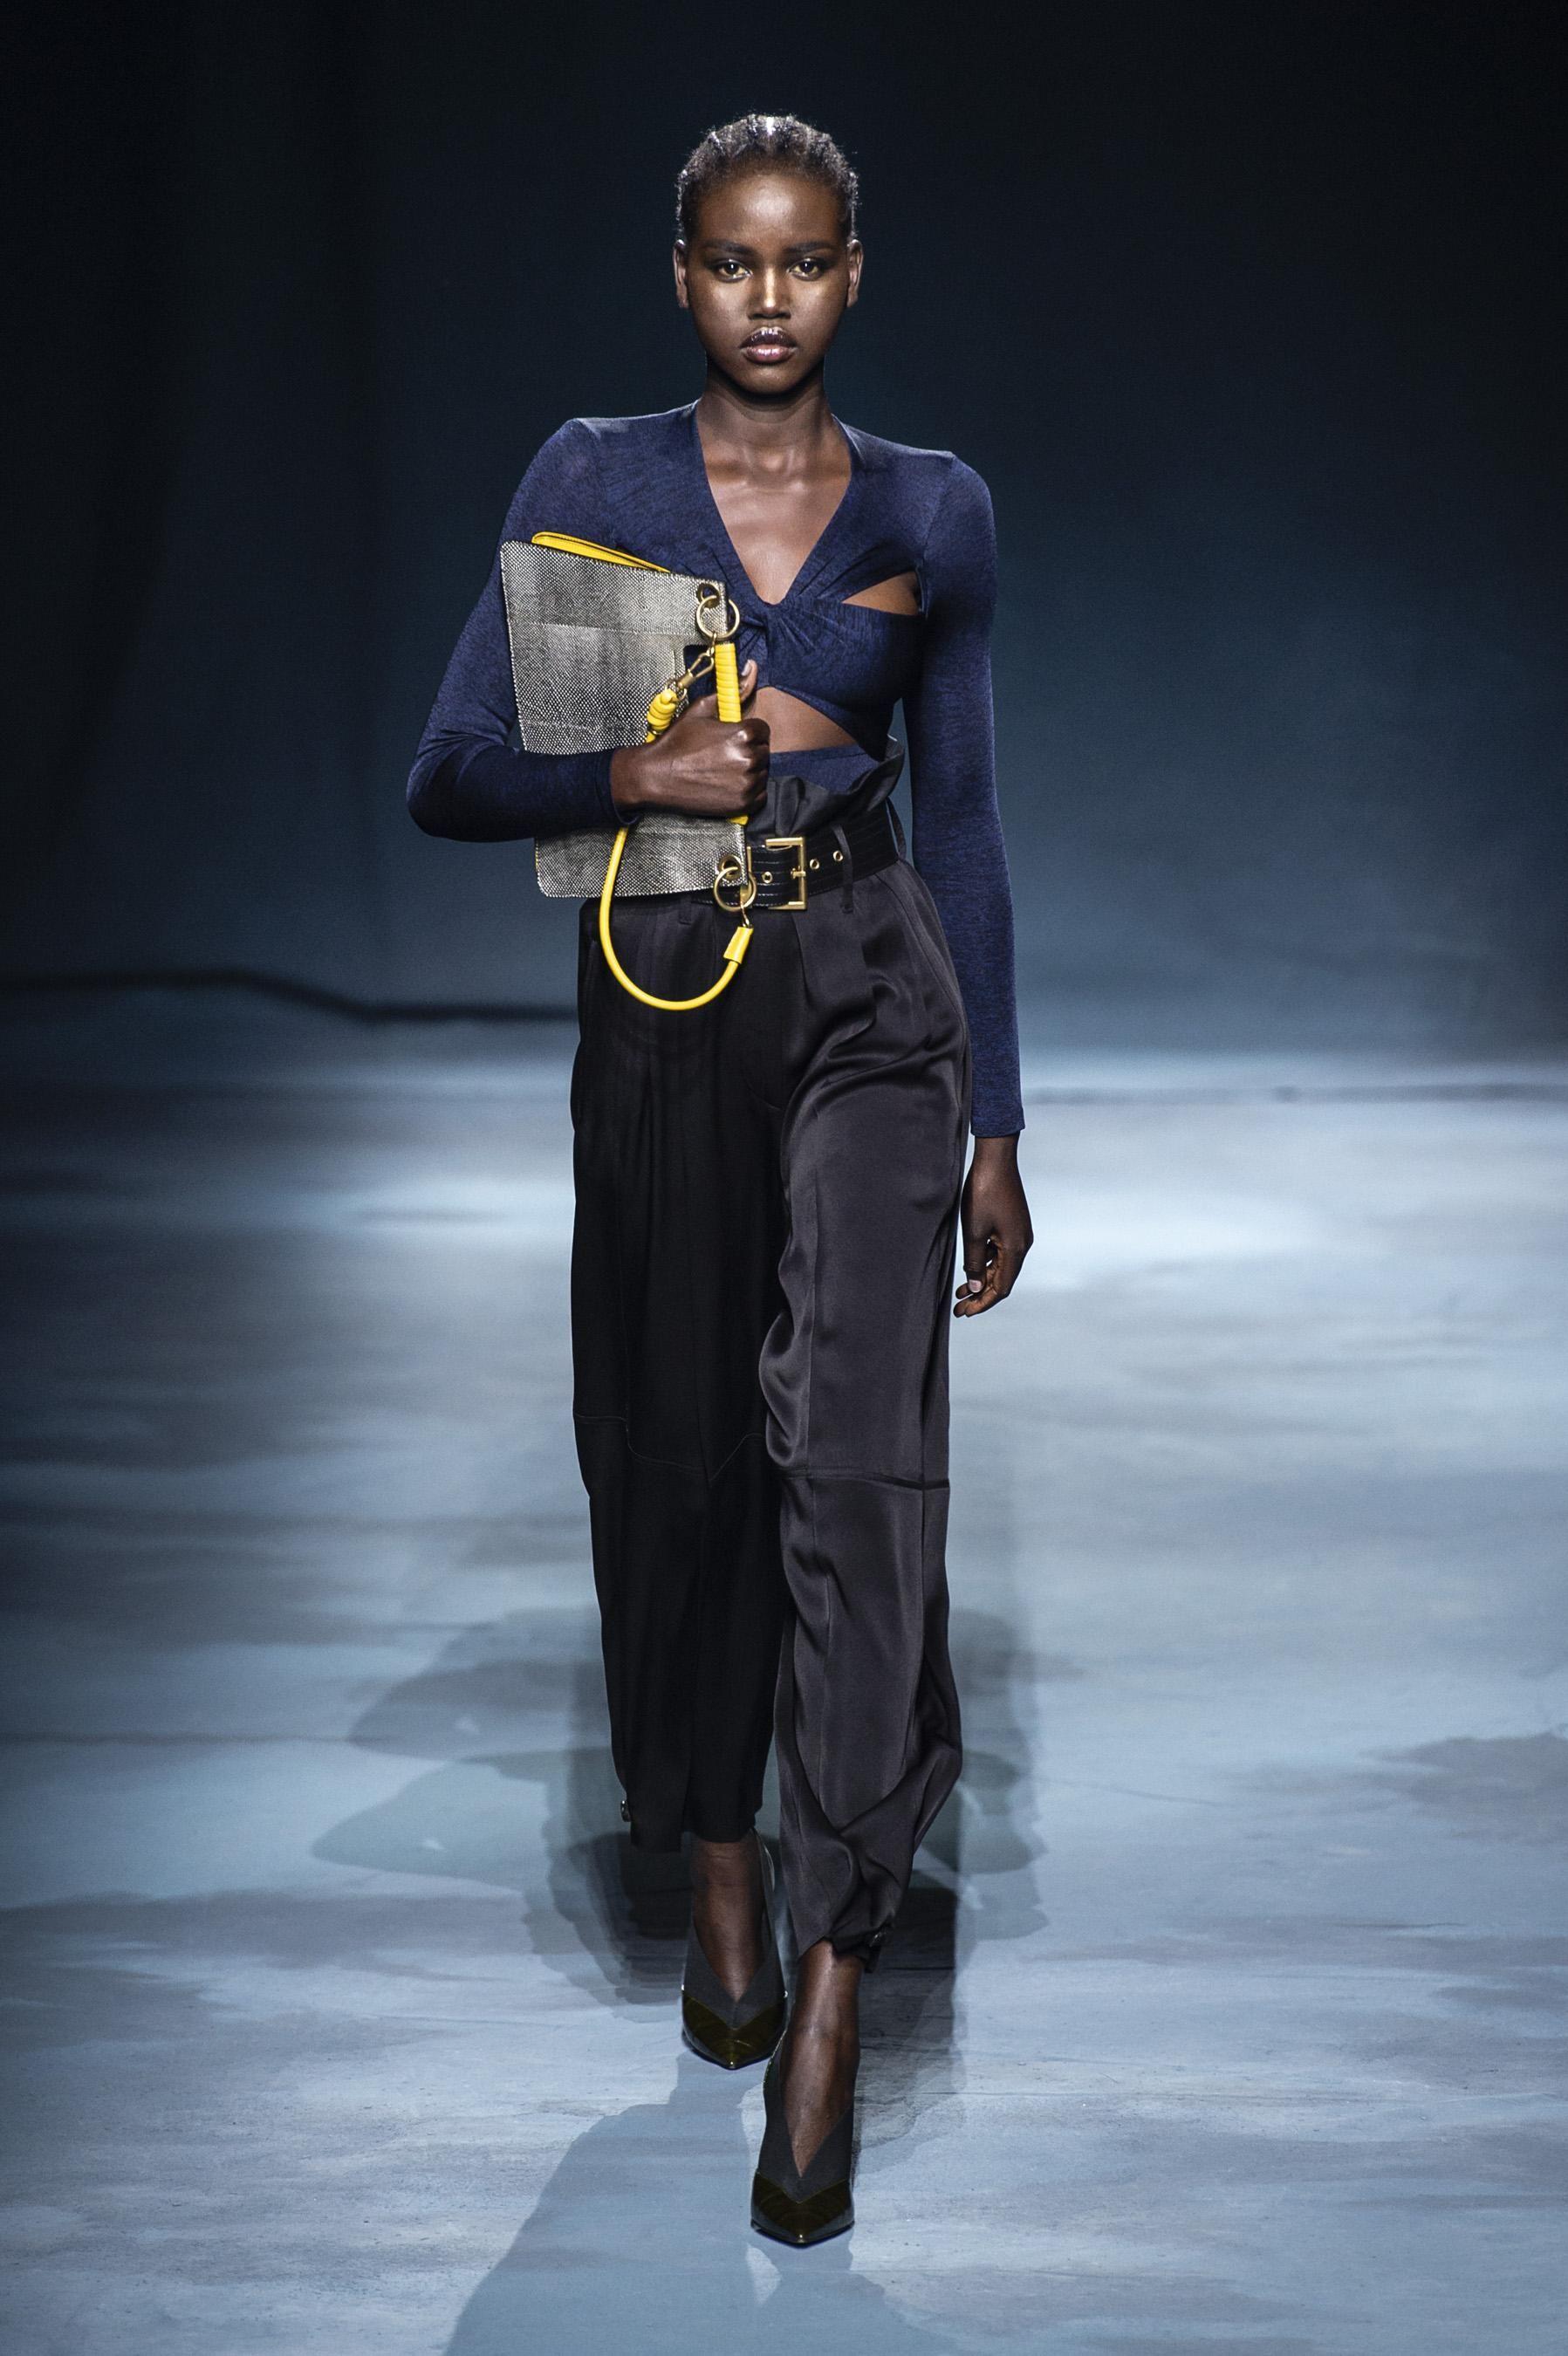 9ee4fa4dbbeb2 Défilé Givenchy printemps-été 2019 Prêt-à-porter - Madame Figaro